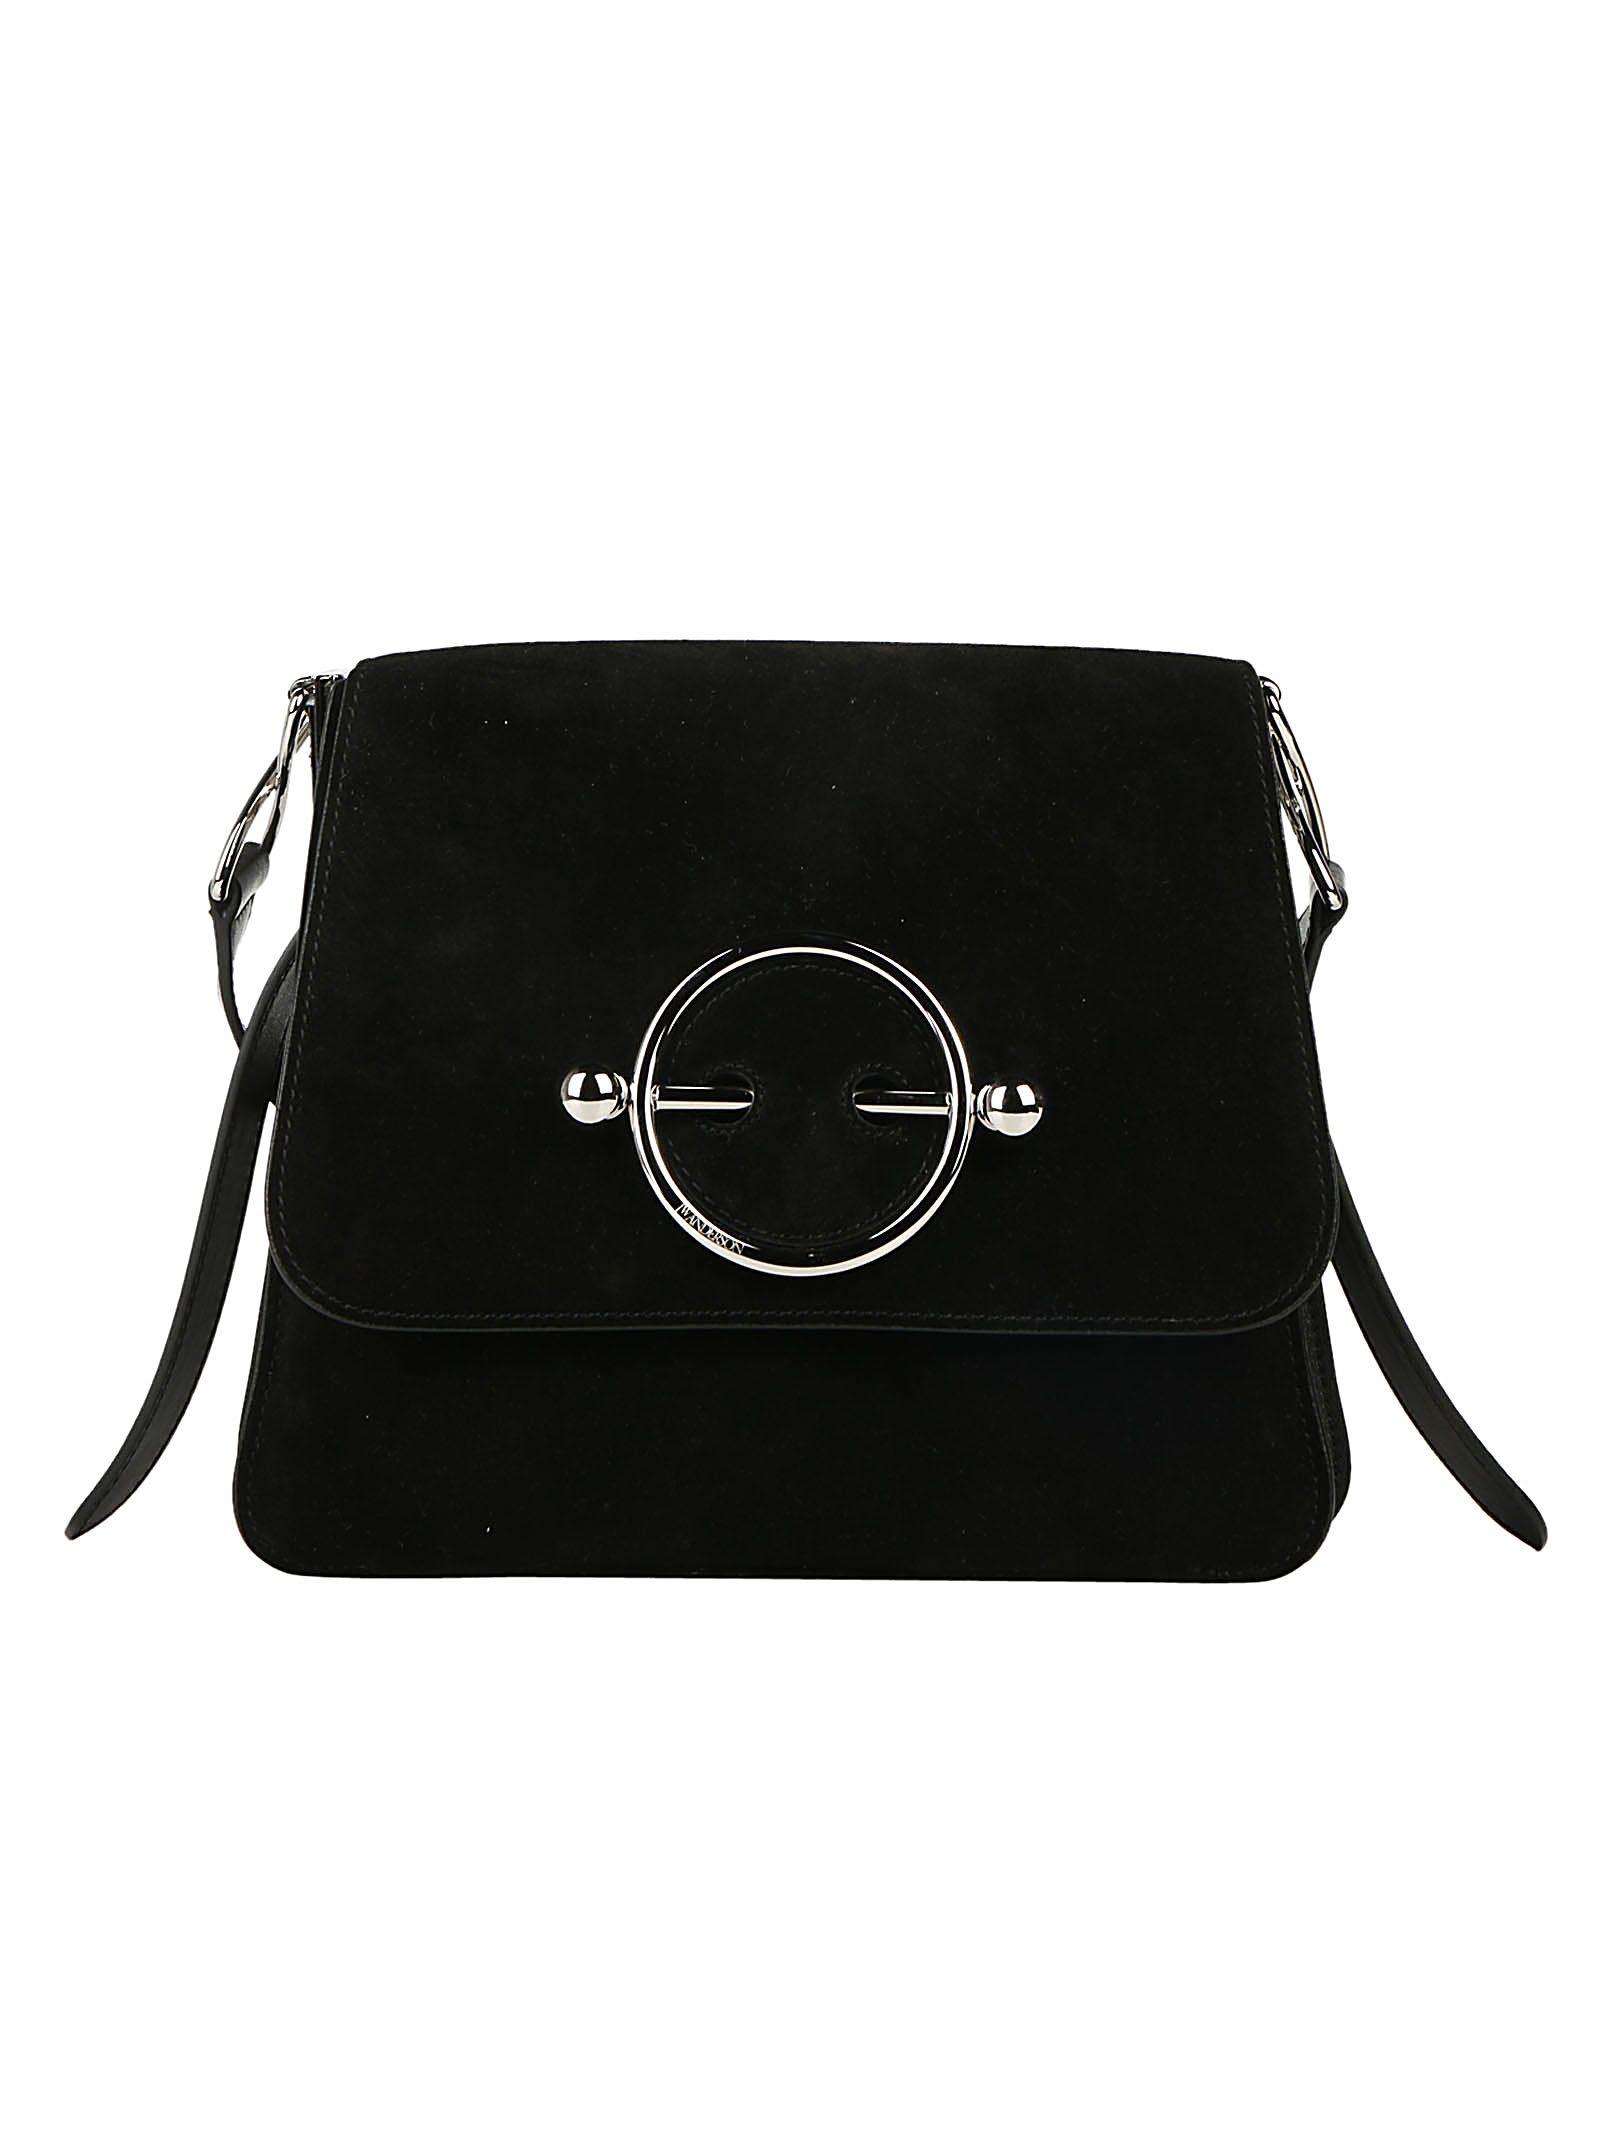 Black Disc shoulder bag J.W.Anderson 2mhjx2PbaB